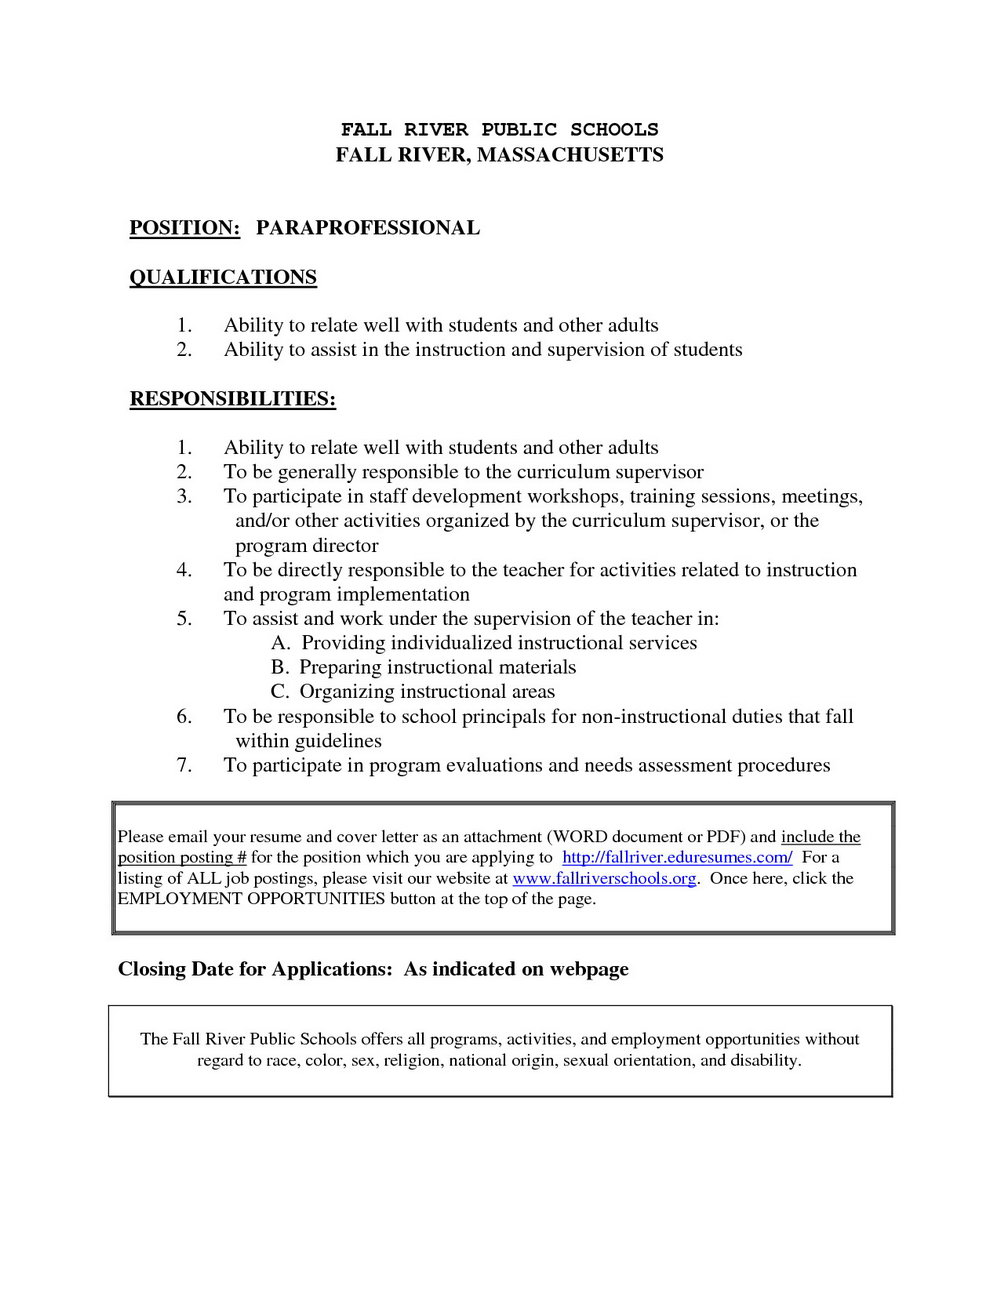 Winway Resume Deluxe 14 Full Download